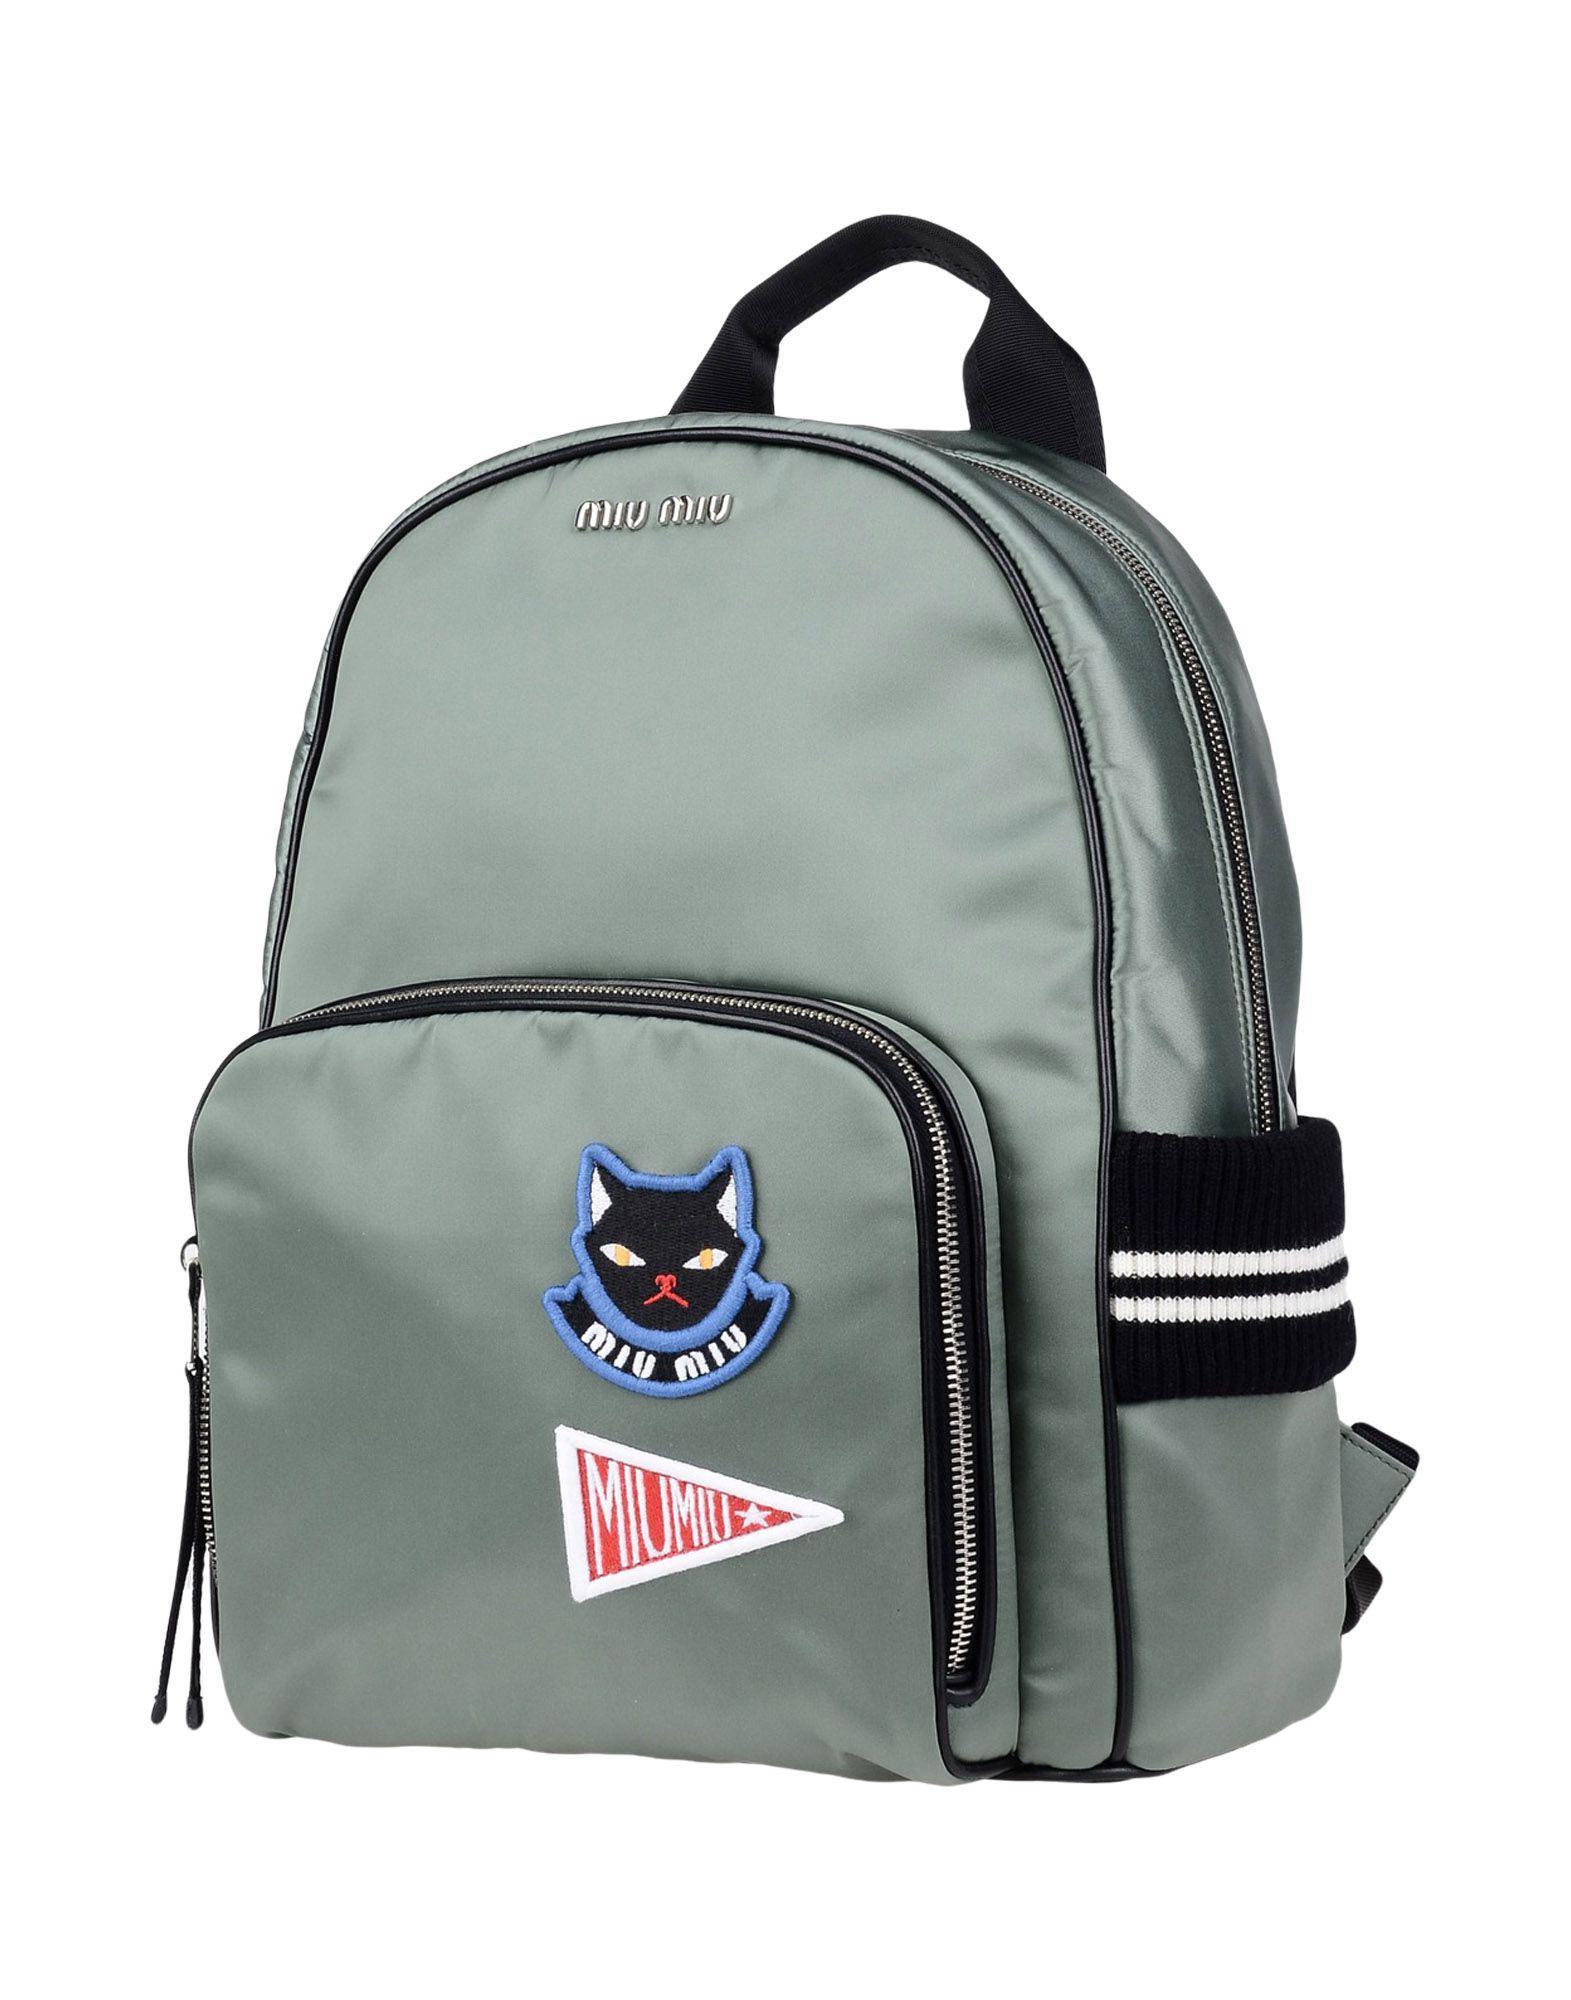 Lyst - Miu Miu Backpacks   Bum Bags in Green eb25e67f812f9